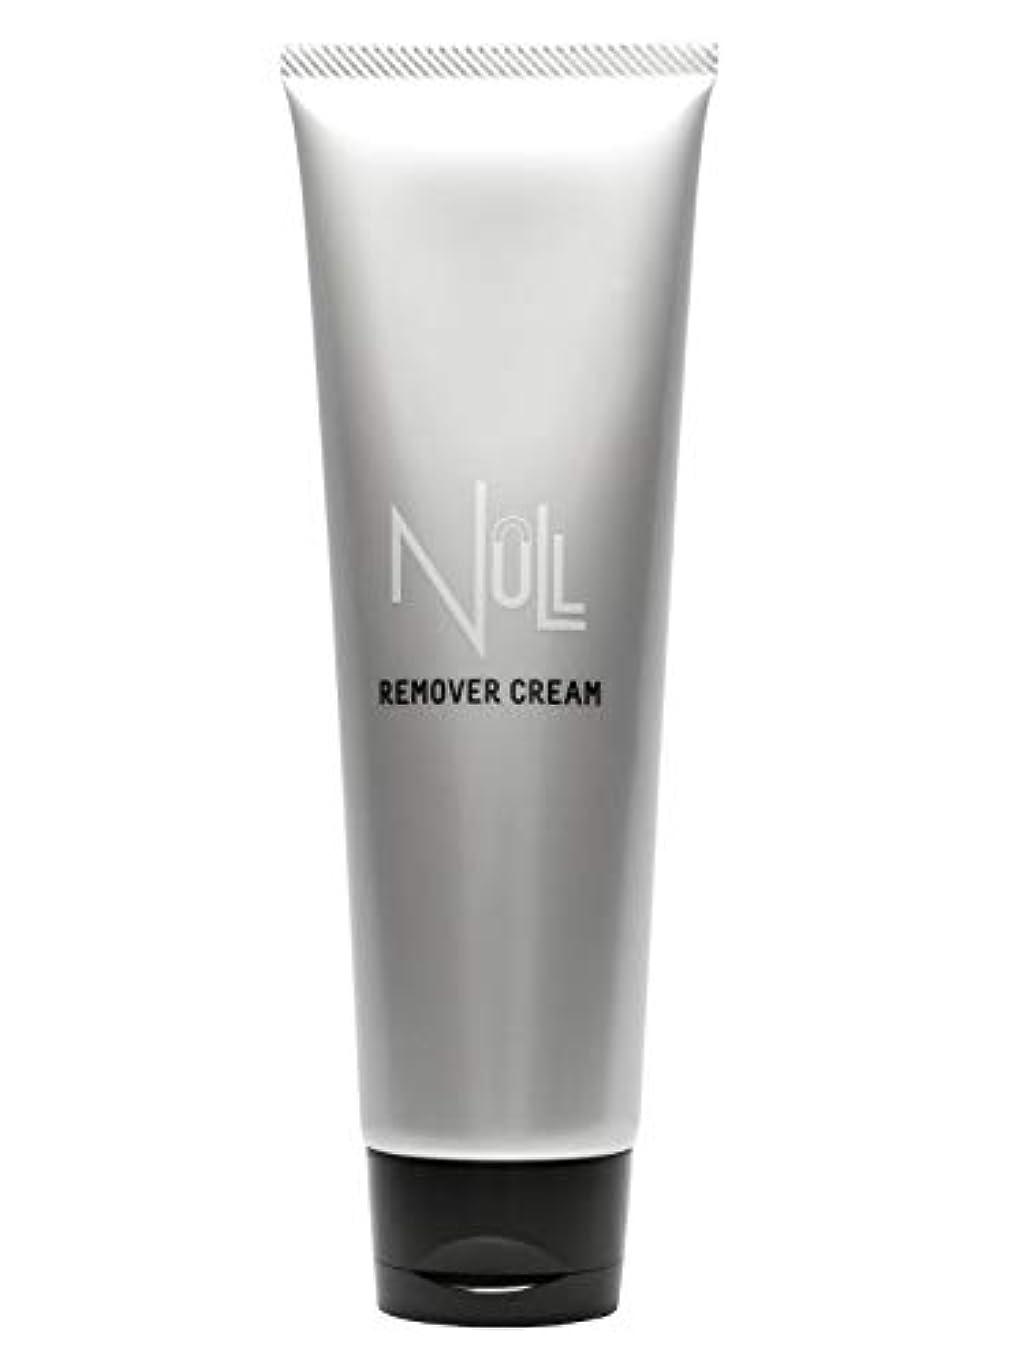 レバー遠え満了NULL 薬用リムーバークリーム 除毛クリーム メンズ 200g [ 陰部 / アンダーヘア / Vライン / ボディ用 ]